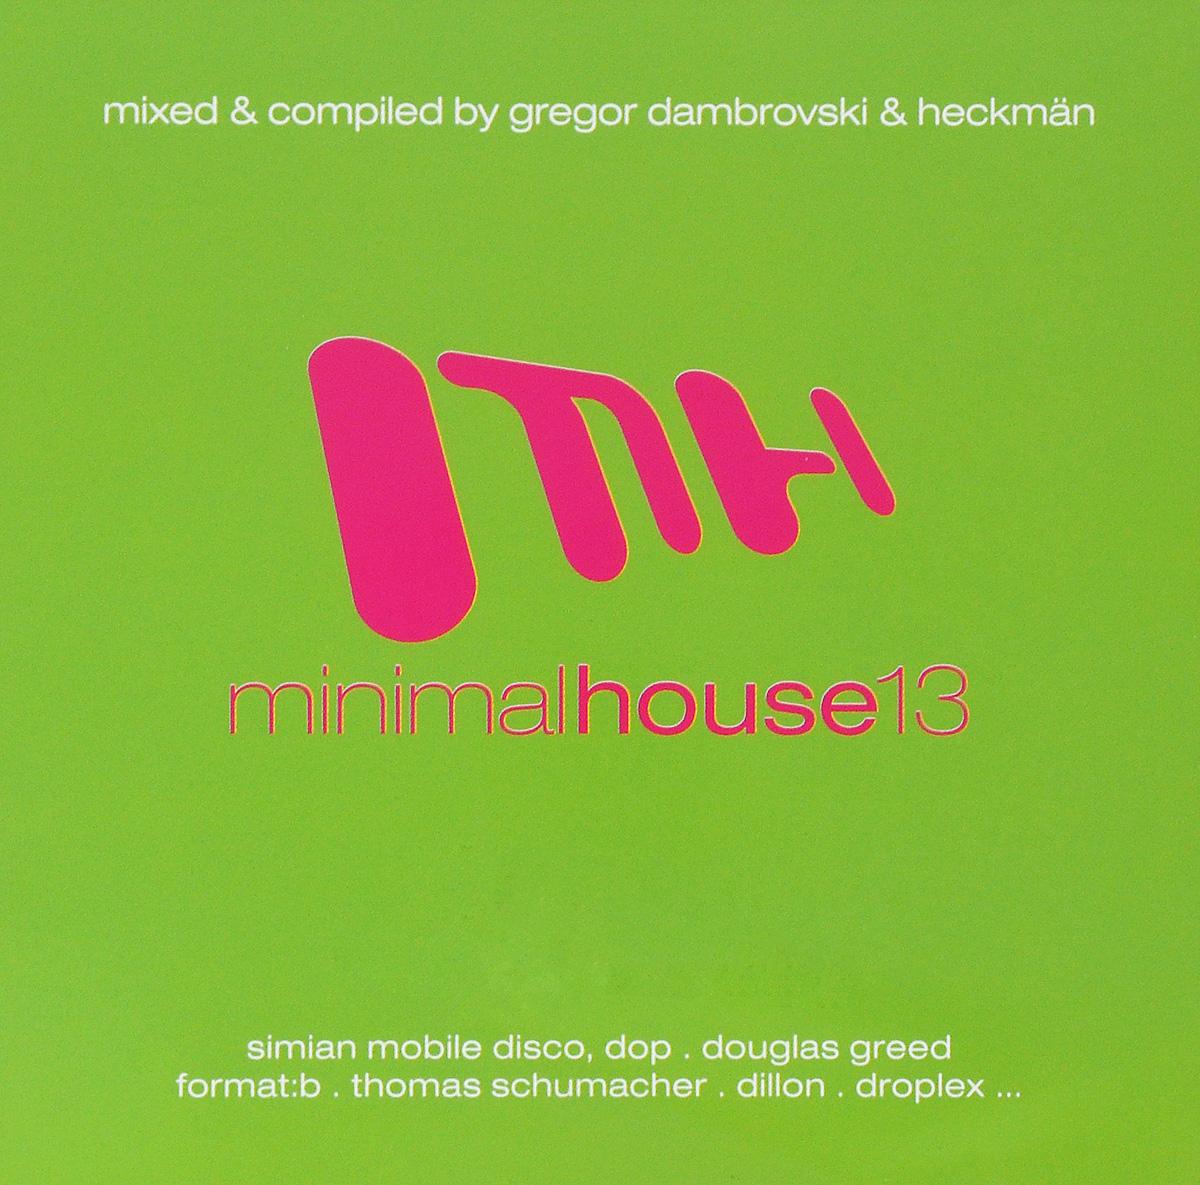 MinimalHouse13 (2 CD) kermi profil v ftv 11 500 1400